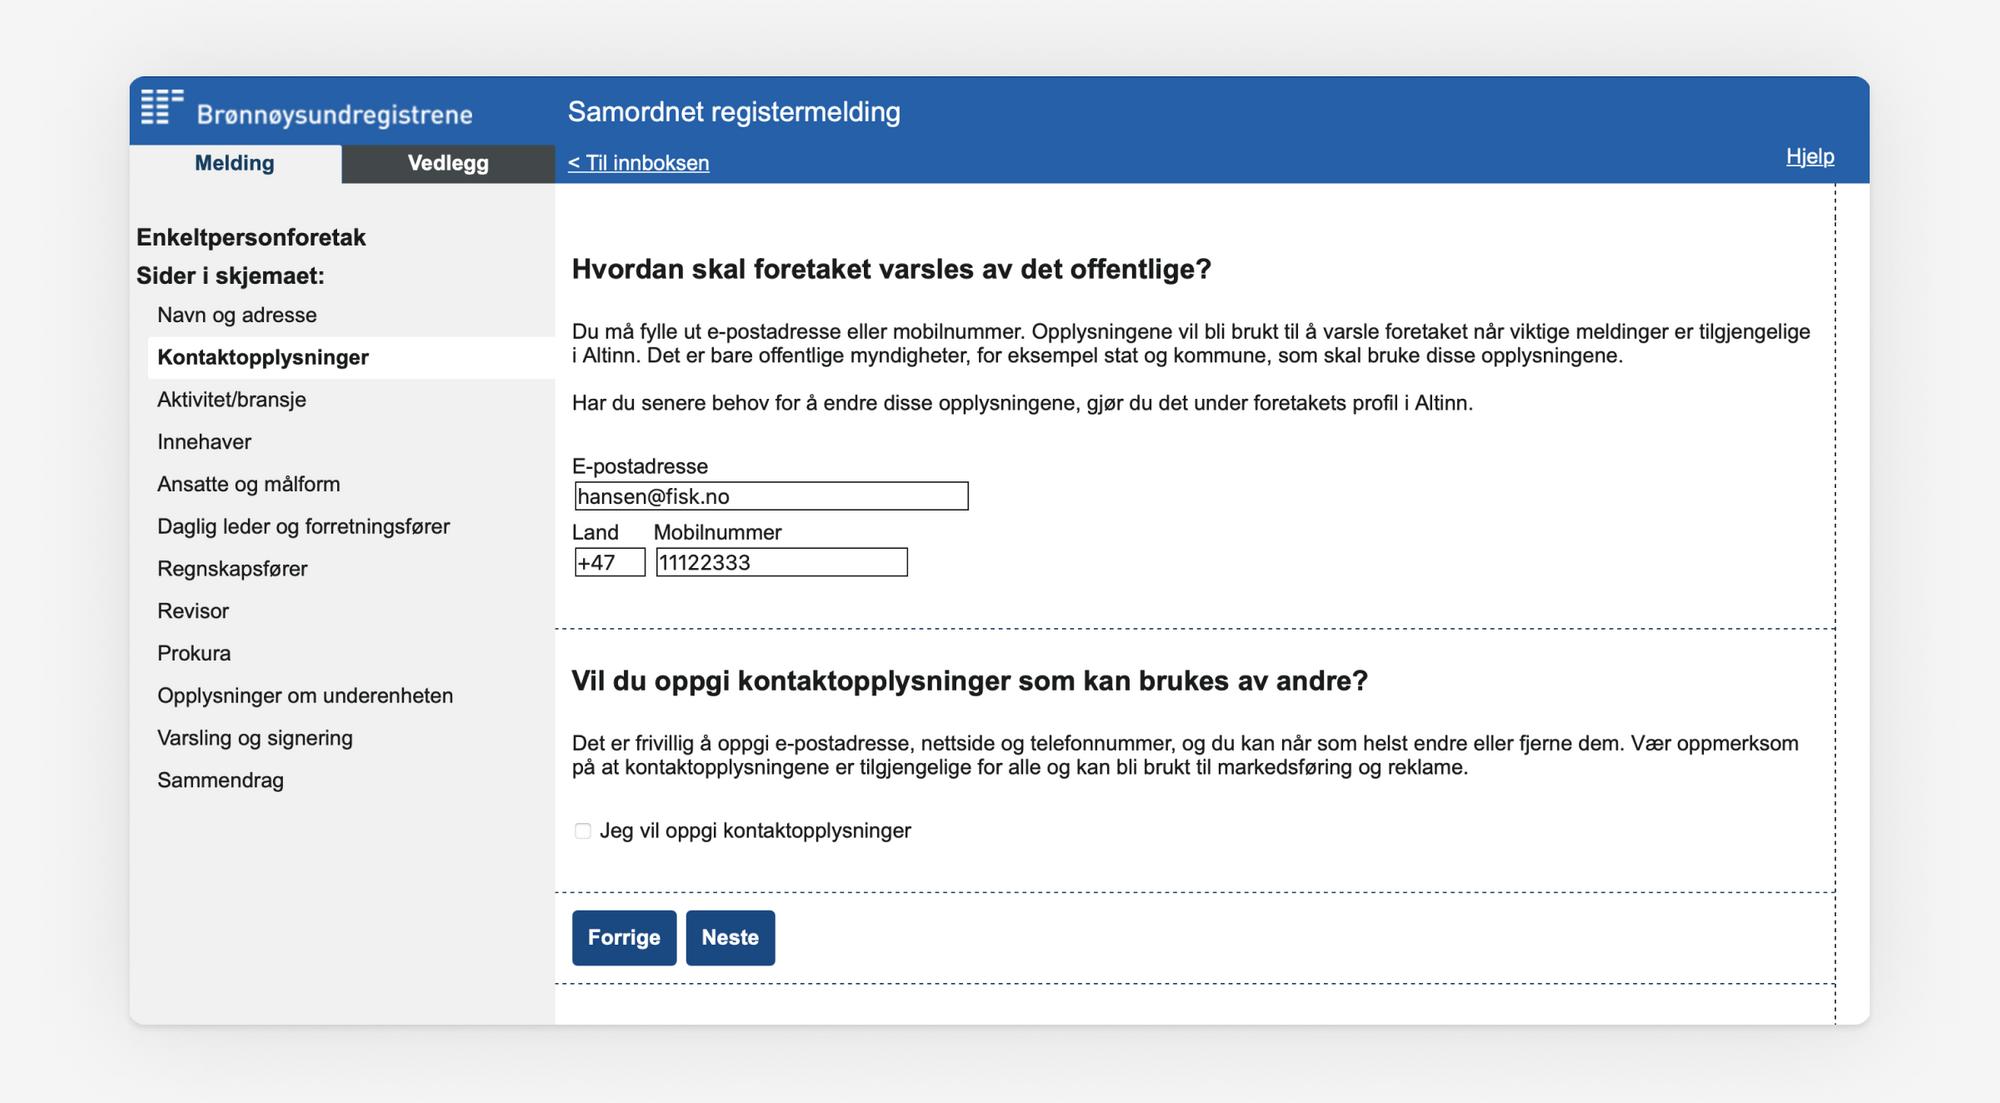 Skjermbilde som viser utfylling av kontaktopplysninger i Samordnet registermelding.